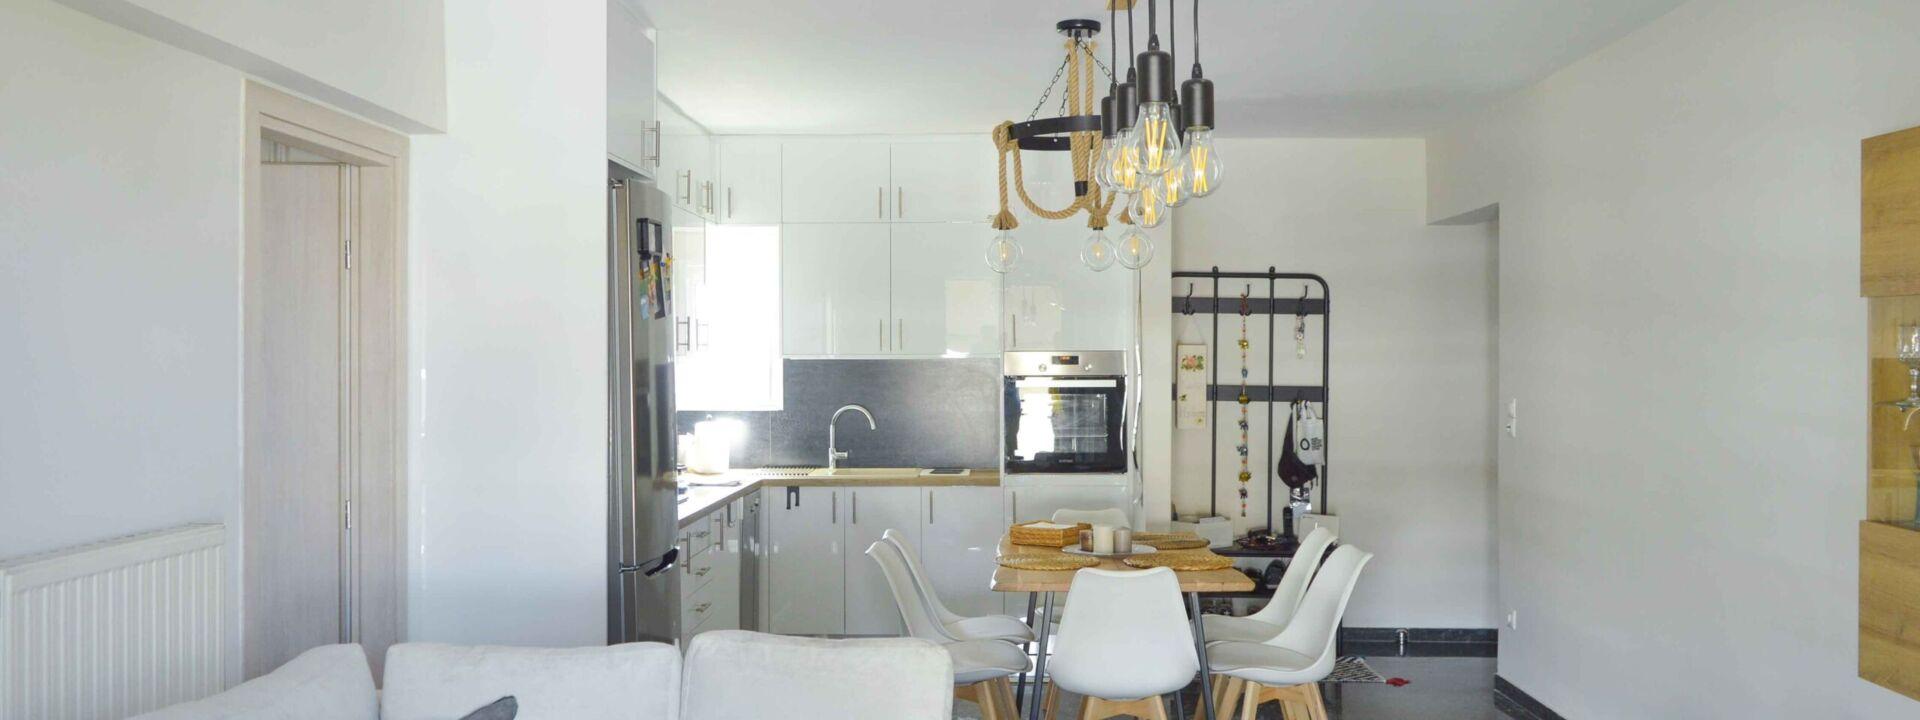 ανακαινιση-σπιτιου-επιπλα-κουζινας-σαλονι